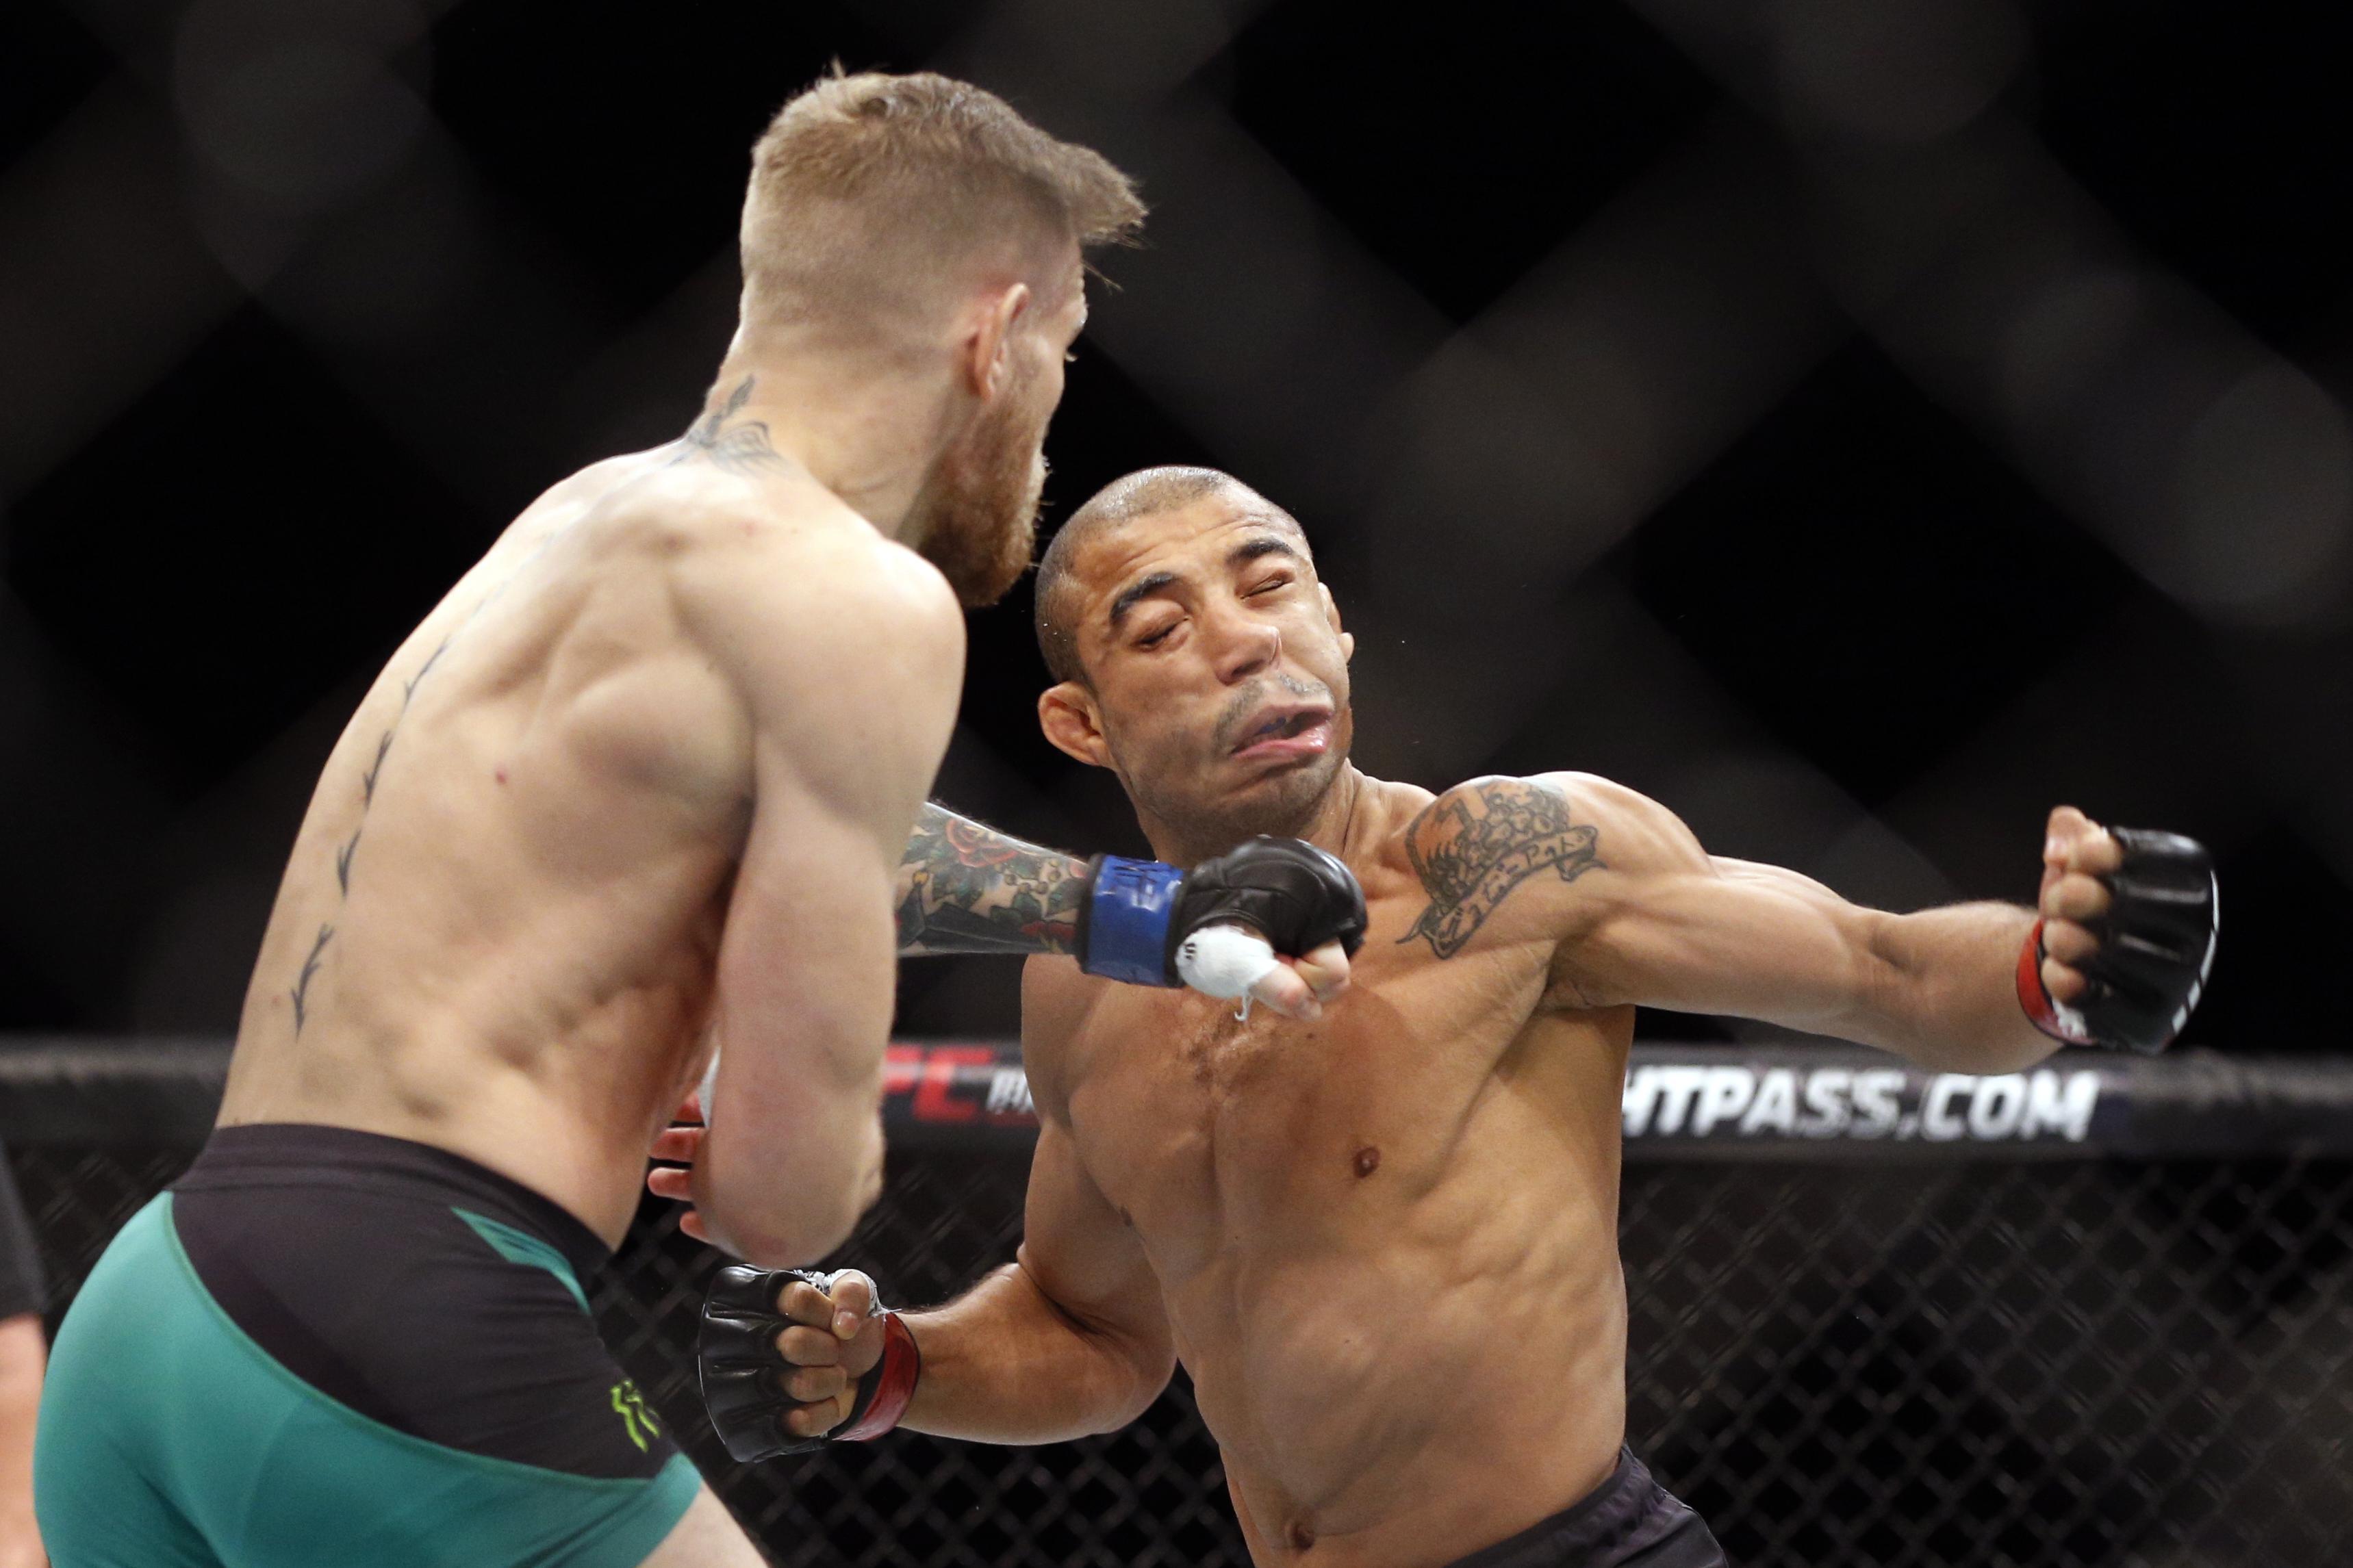 Conor McGregor beat Jose Aldo on December 12, 2015